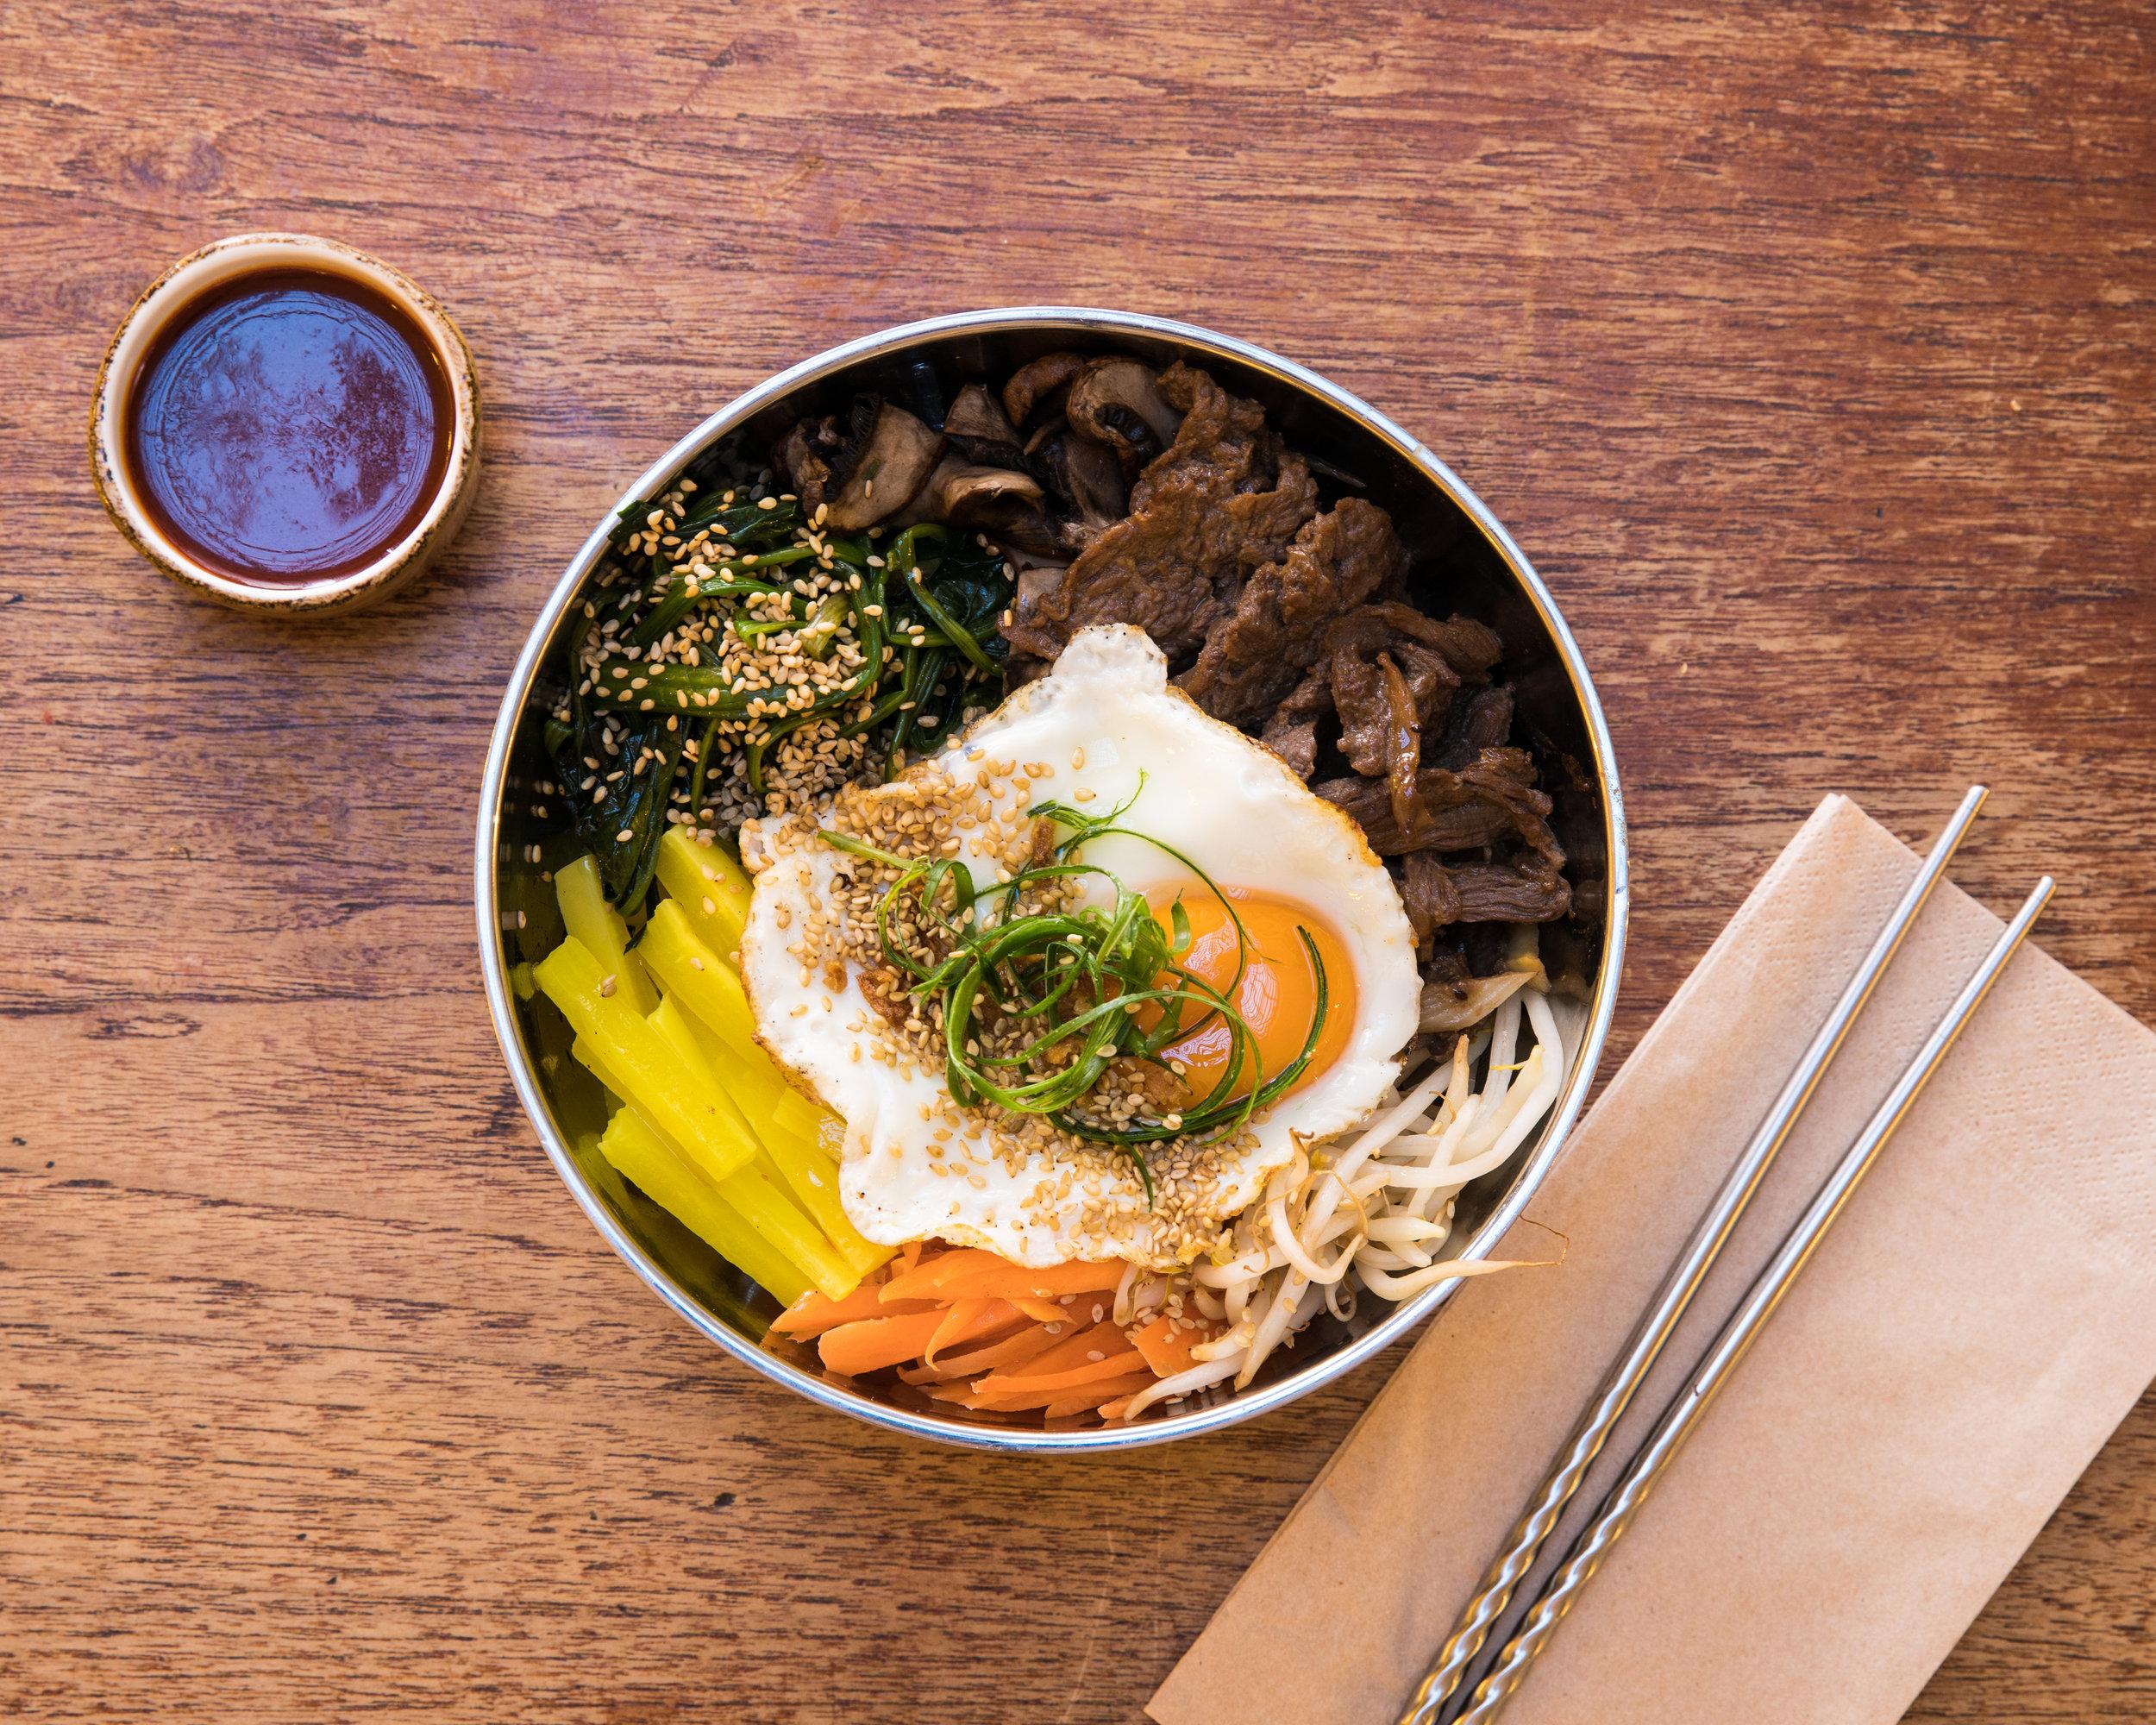 ANJU_Korean_Restaurant_and_Bar_Bibimbap_1.jpg